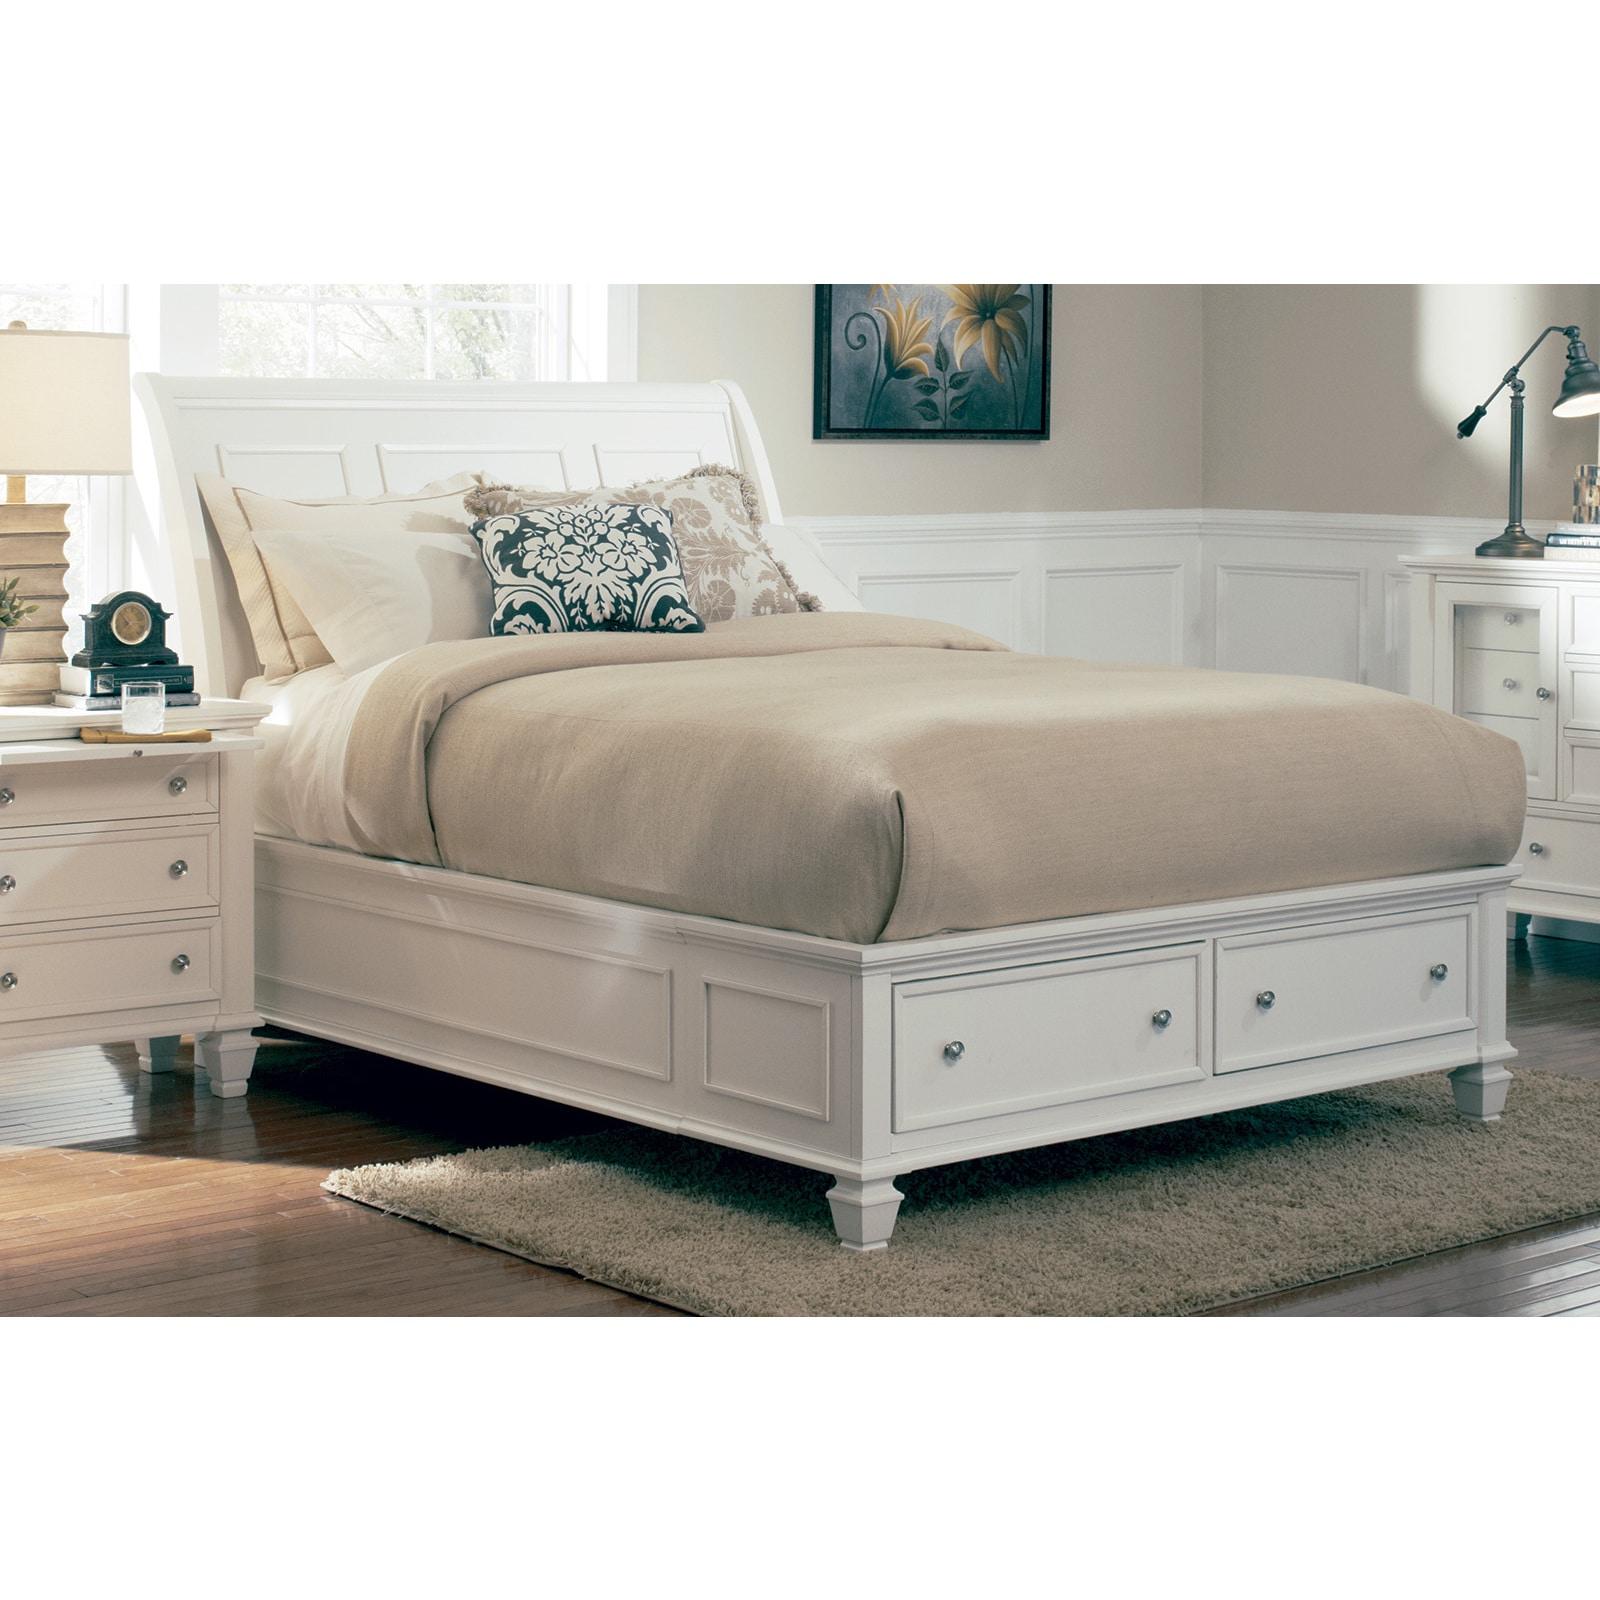 Coaster Furniture White Panel Bed (King)